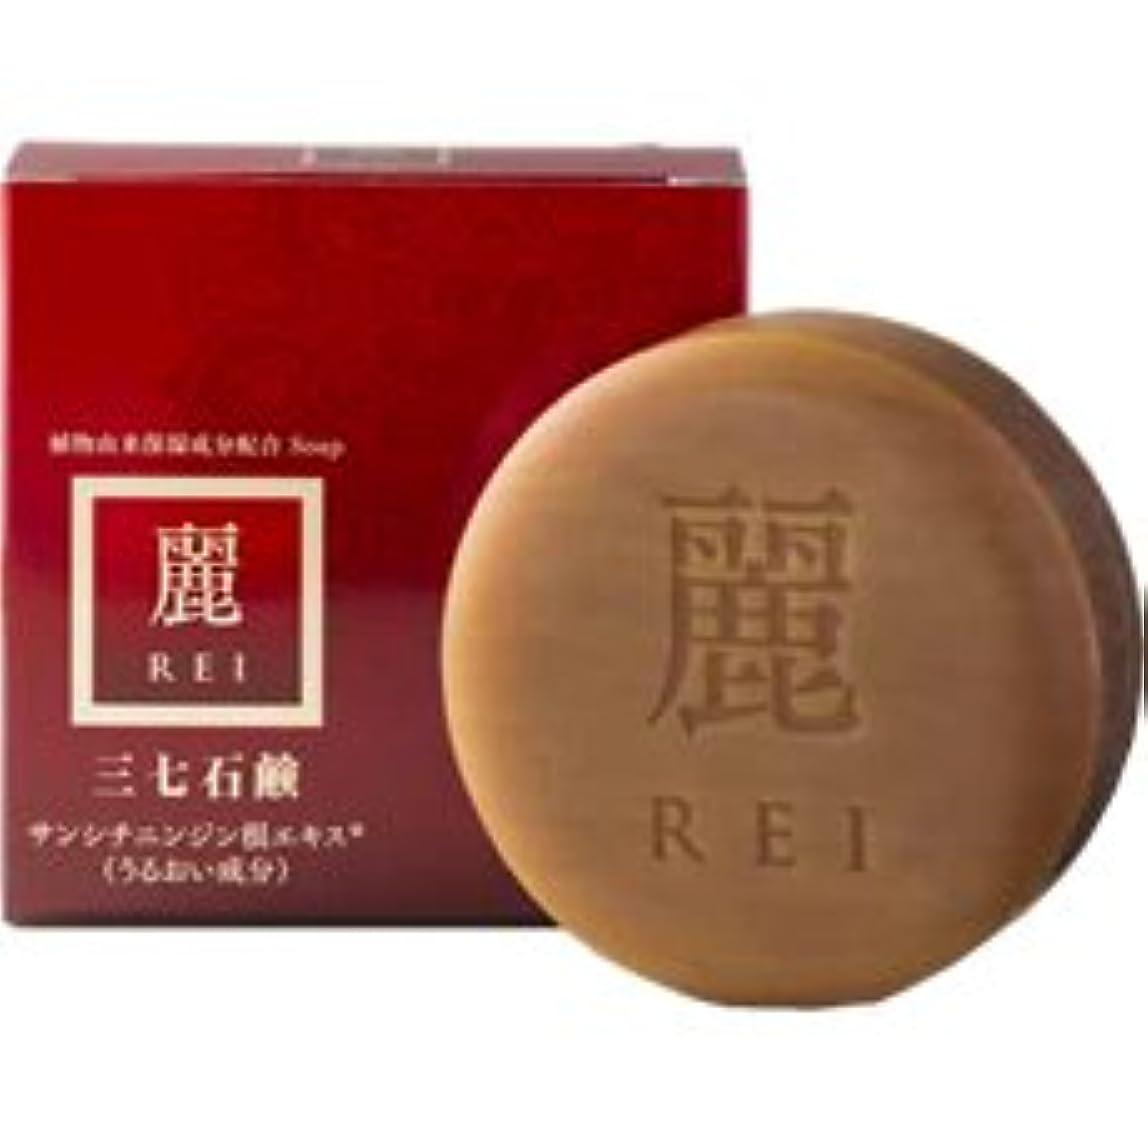 部分的にロデオ排除する三七石鹸 麗(れい) 100g